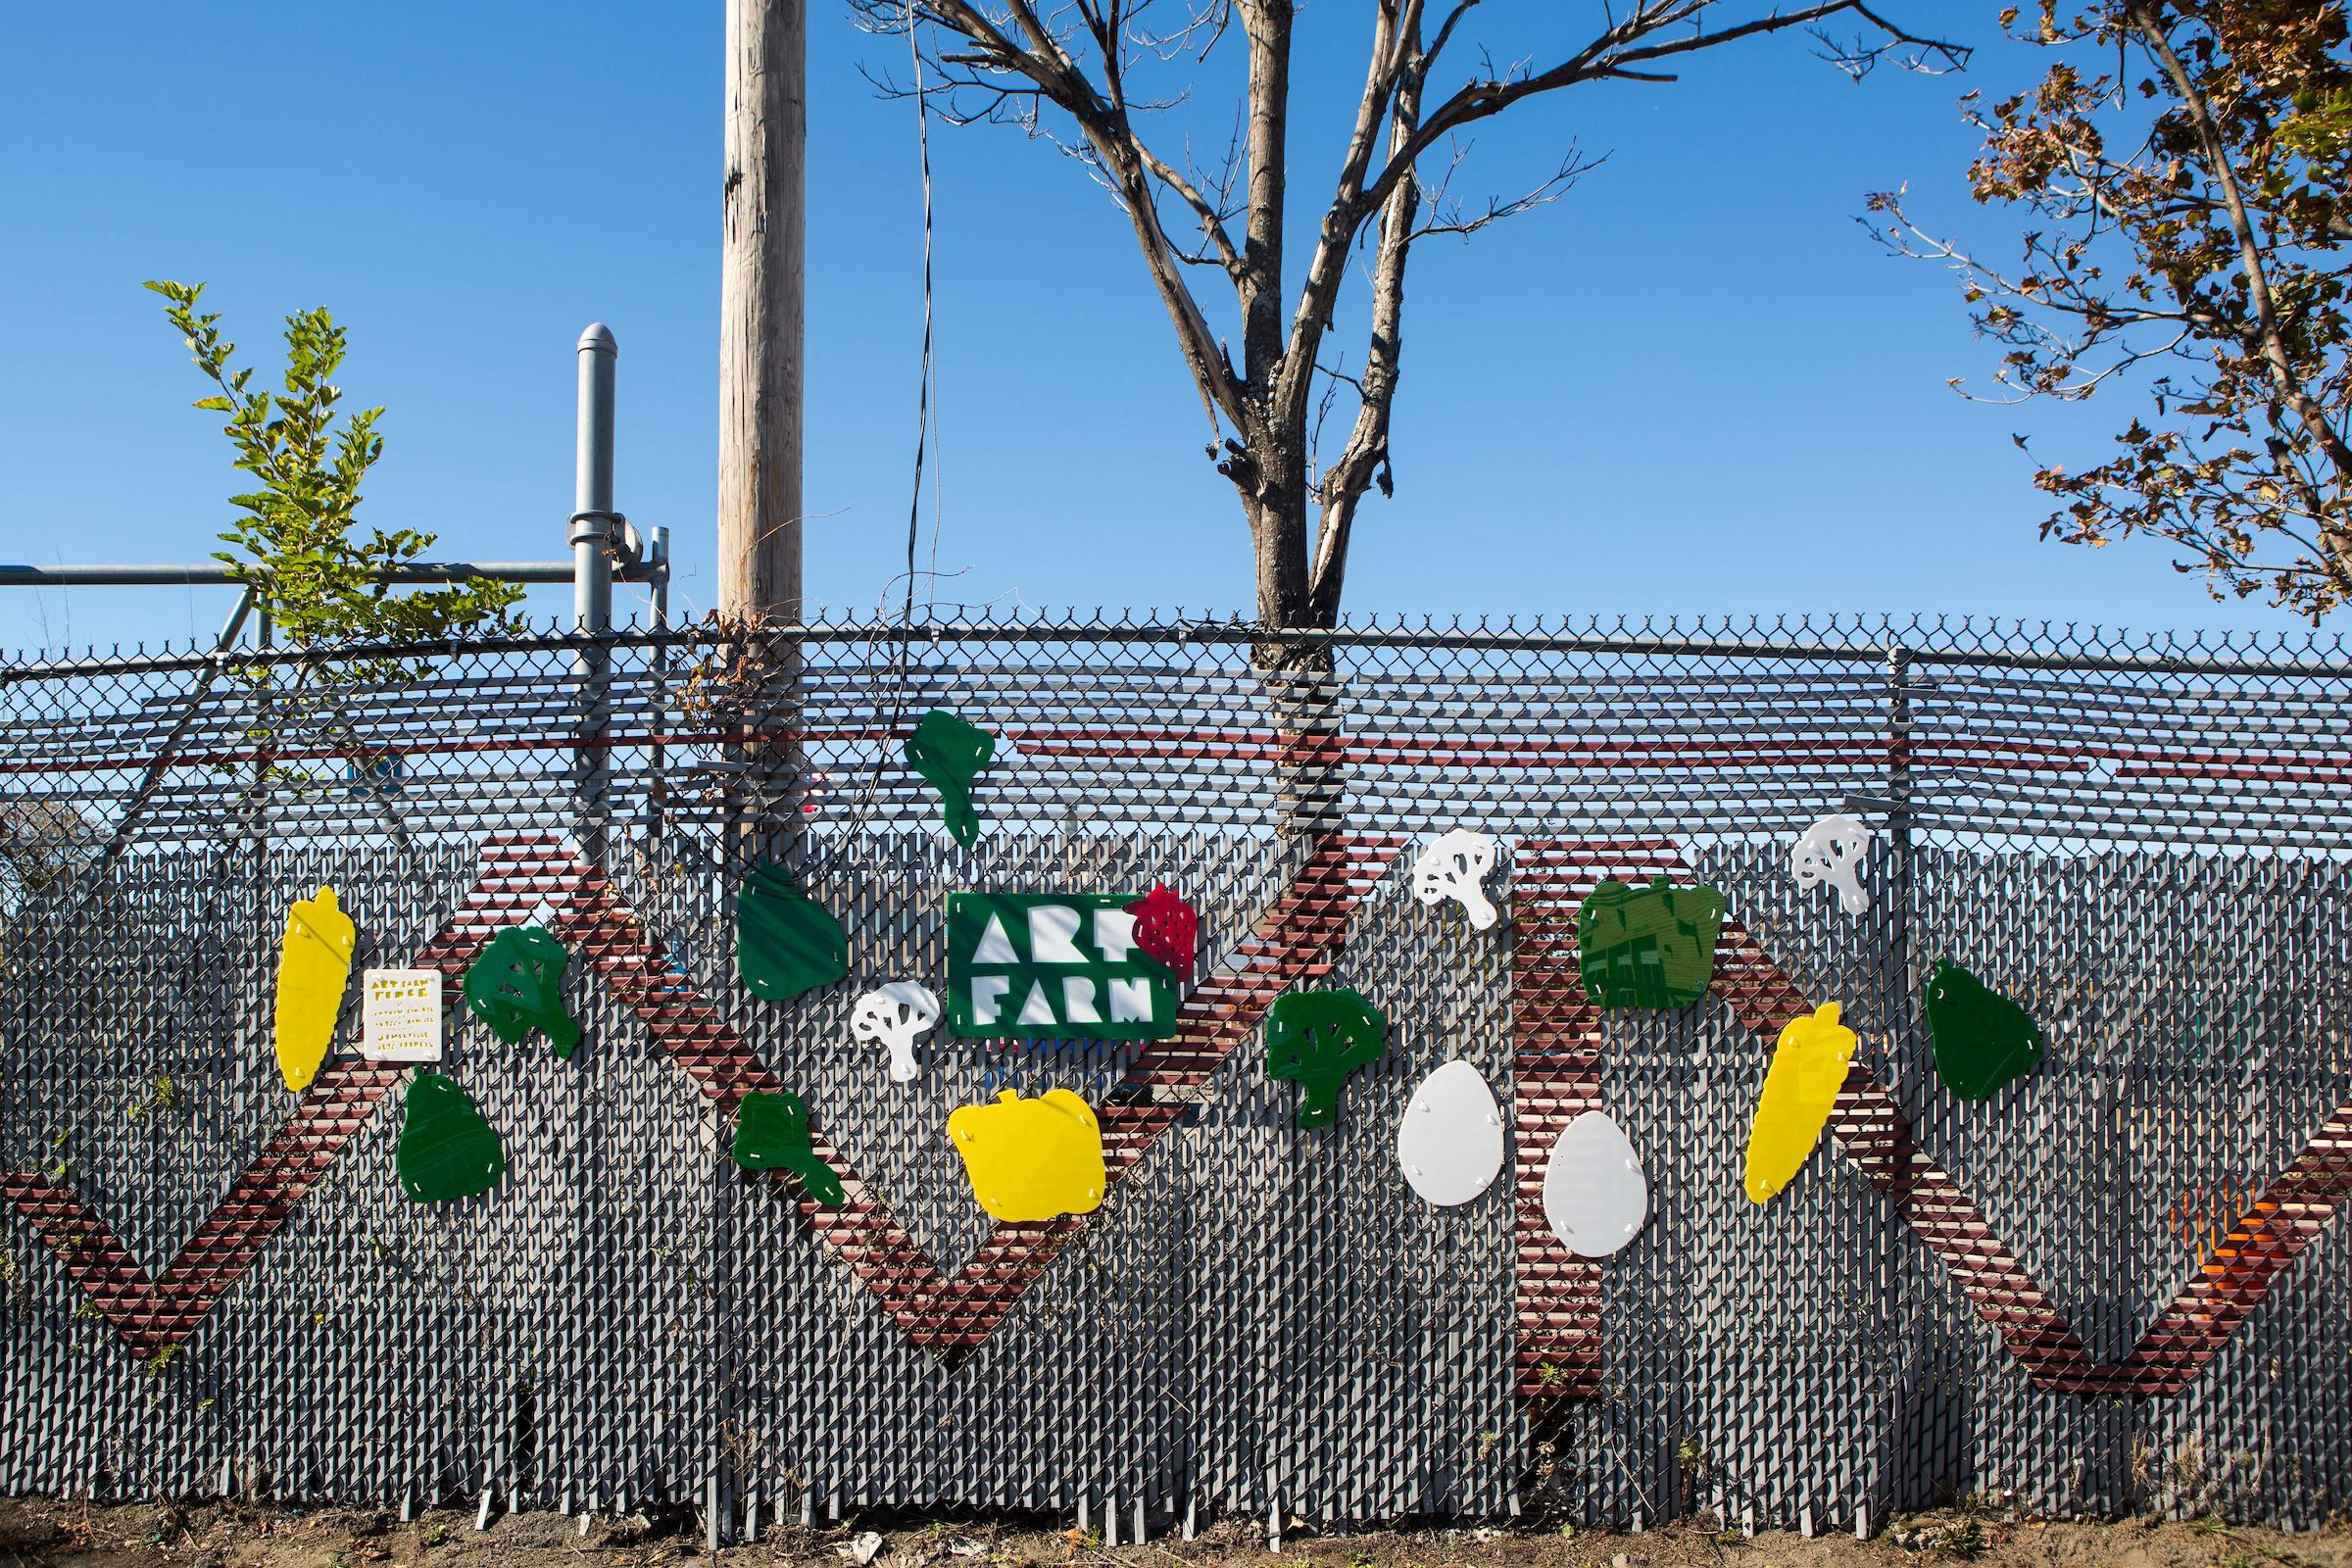 Art Farm Fence | Andrew Ringler